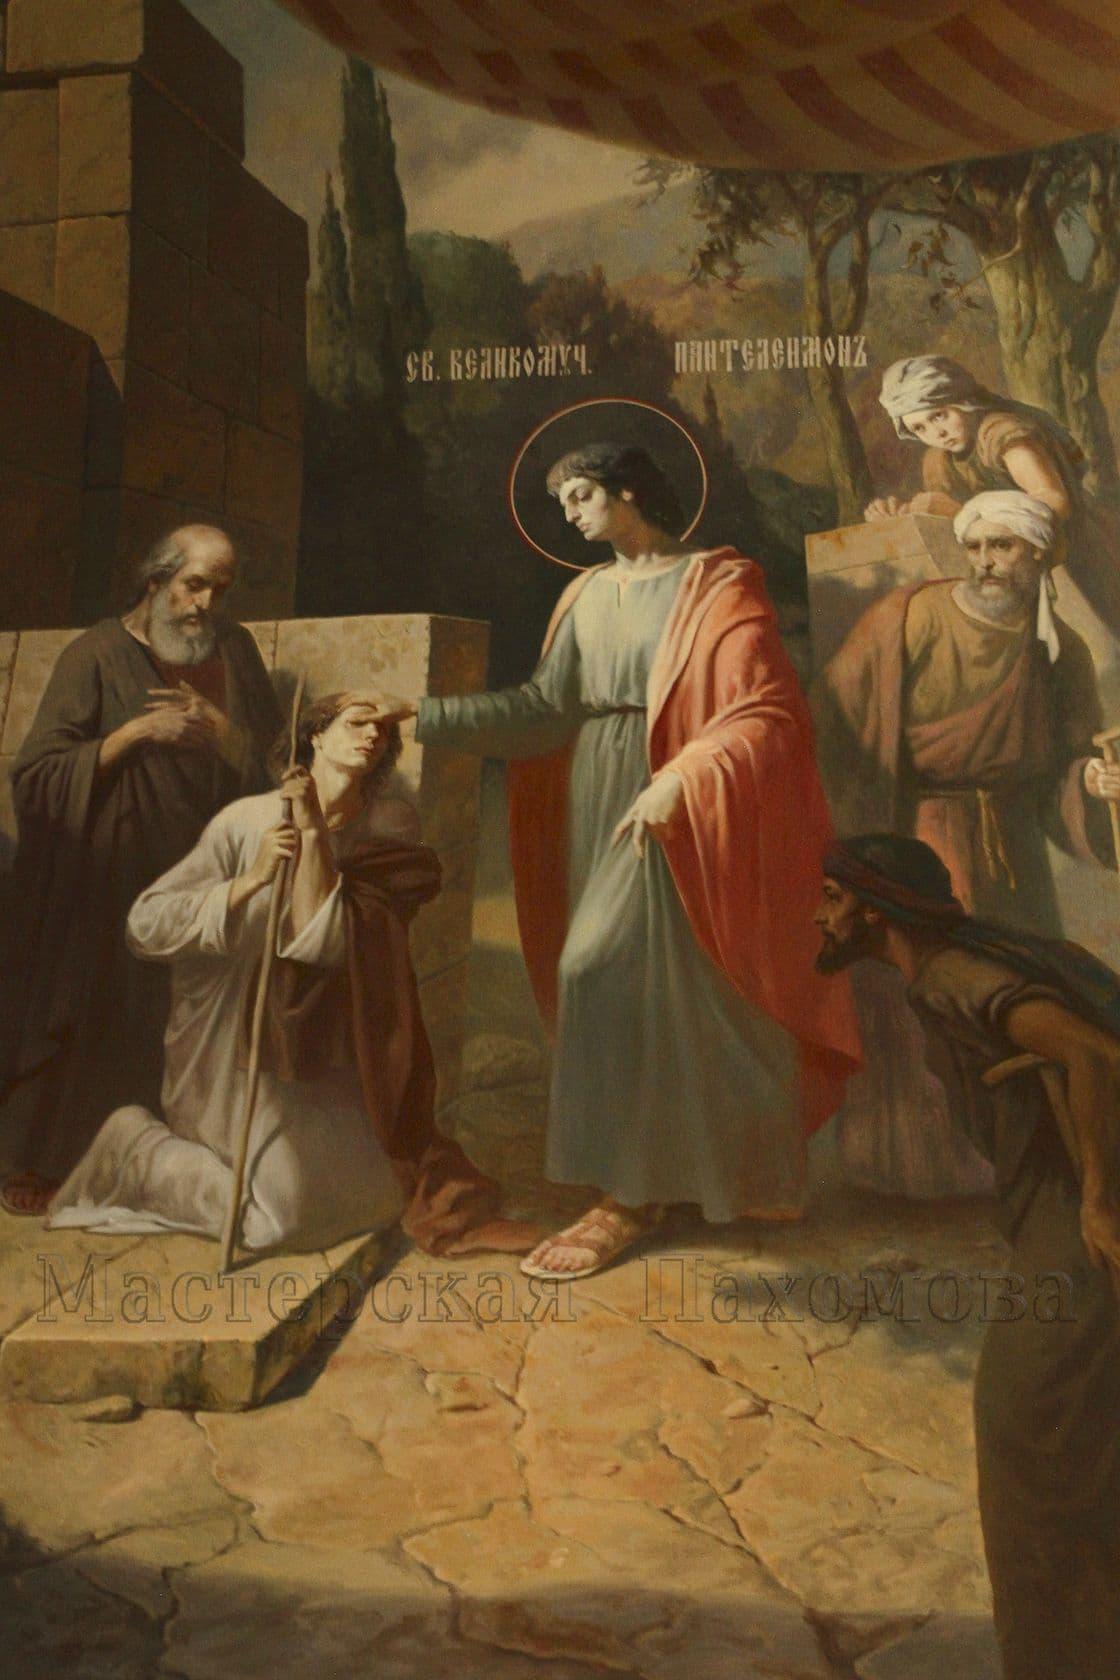 Исцеление слепого Пантелеймоном. Монументальная роспись стен храма